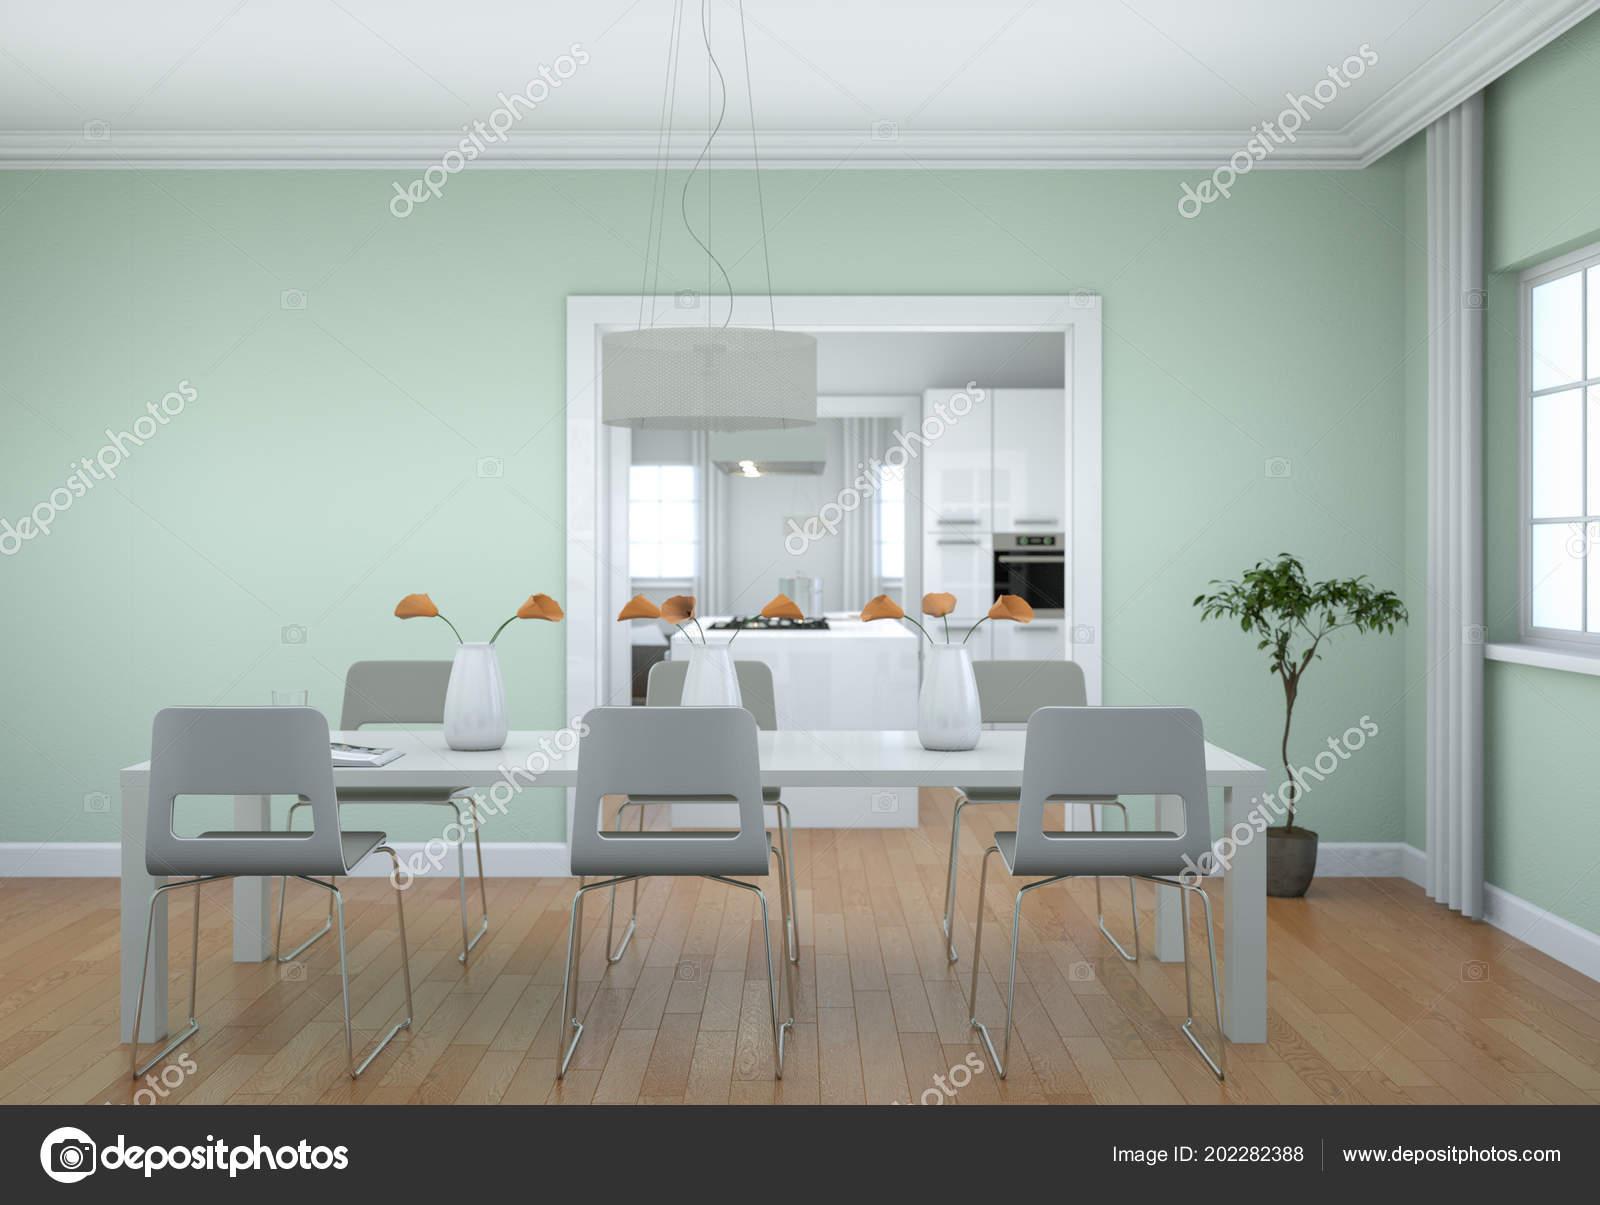 Charmant Salle à Manger Design Du0027intérieur En Appartement Moderne Illustration 3d U2014  Image De ...